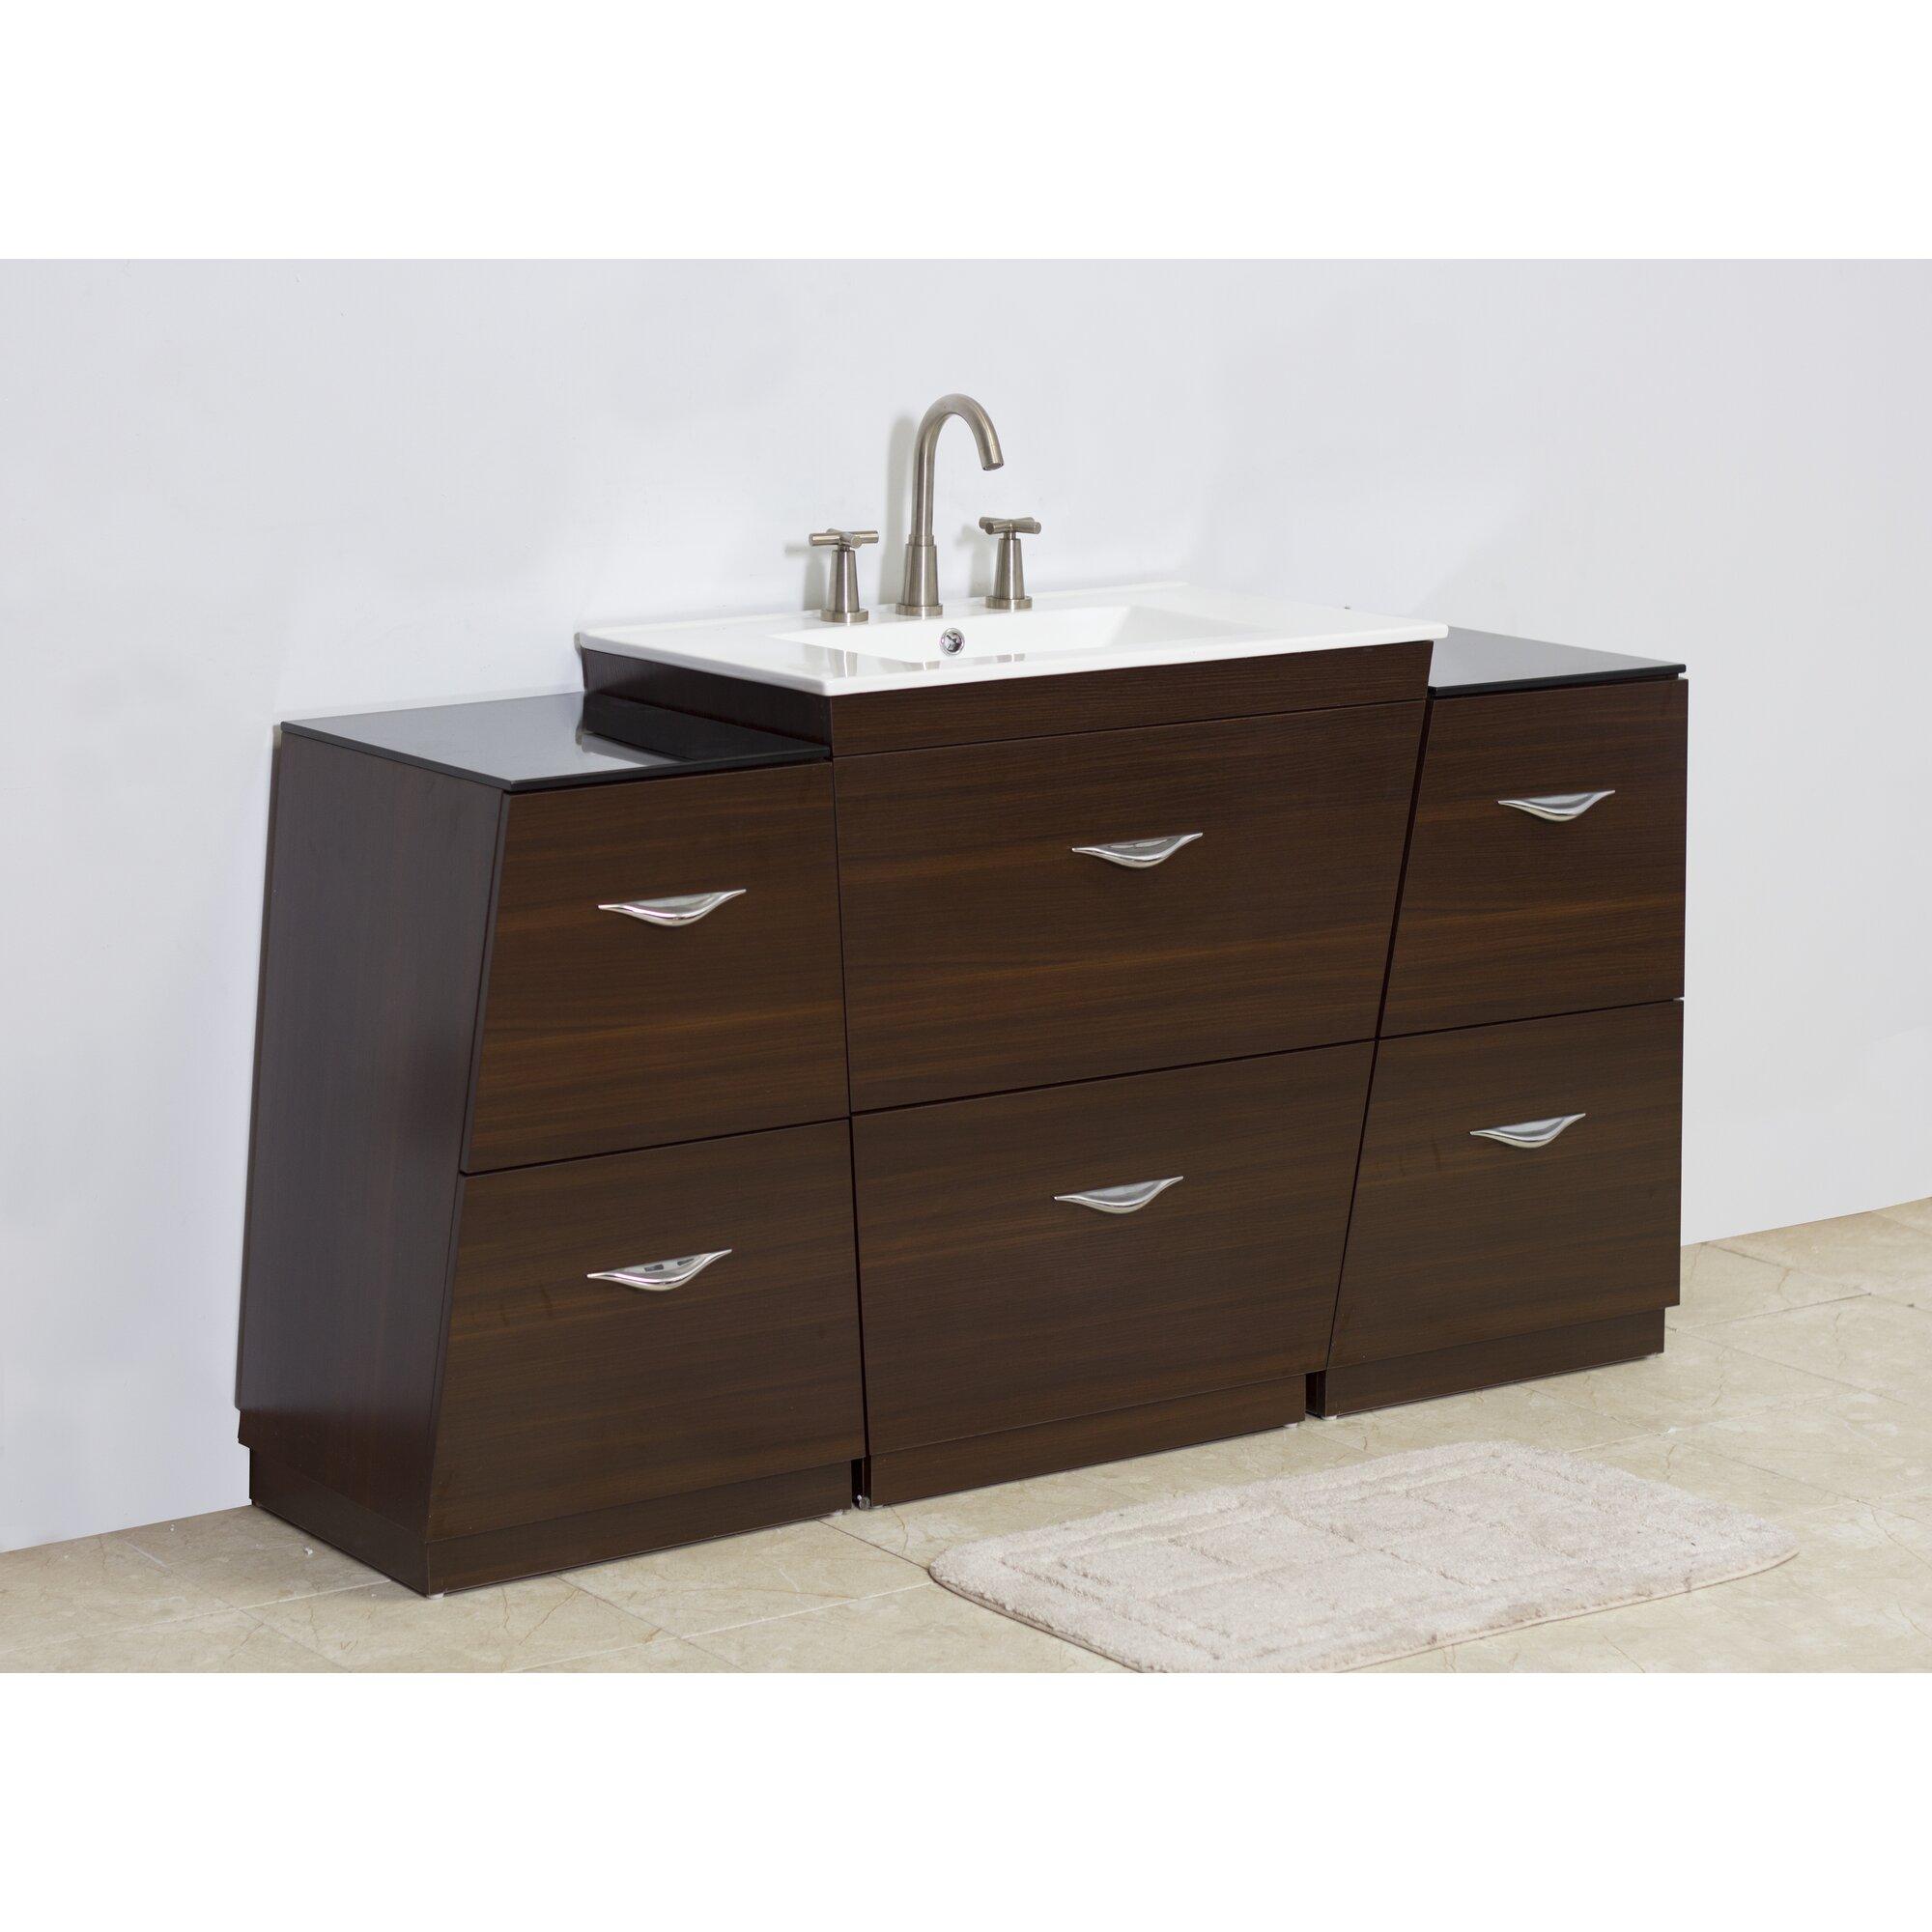 American Imaginations 60 Single Modern Bathroom Vanity Set Reviews Wayfair